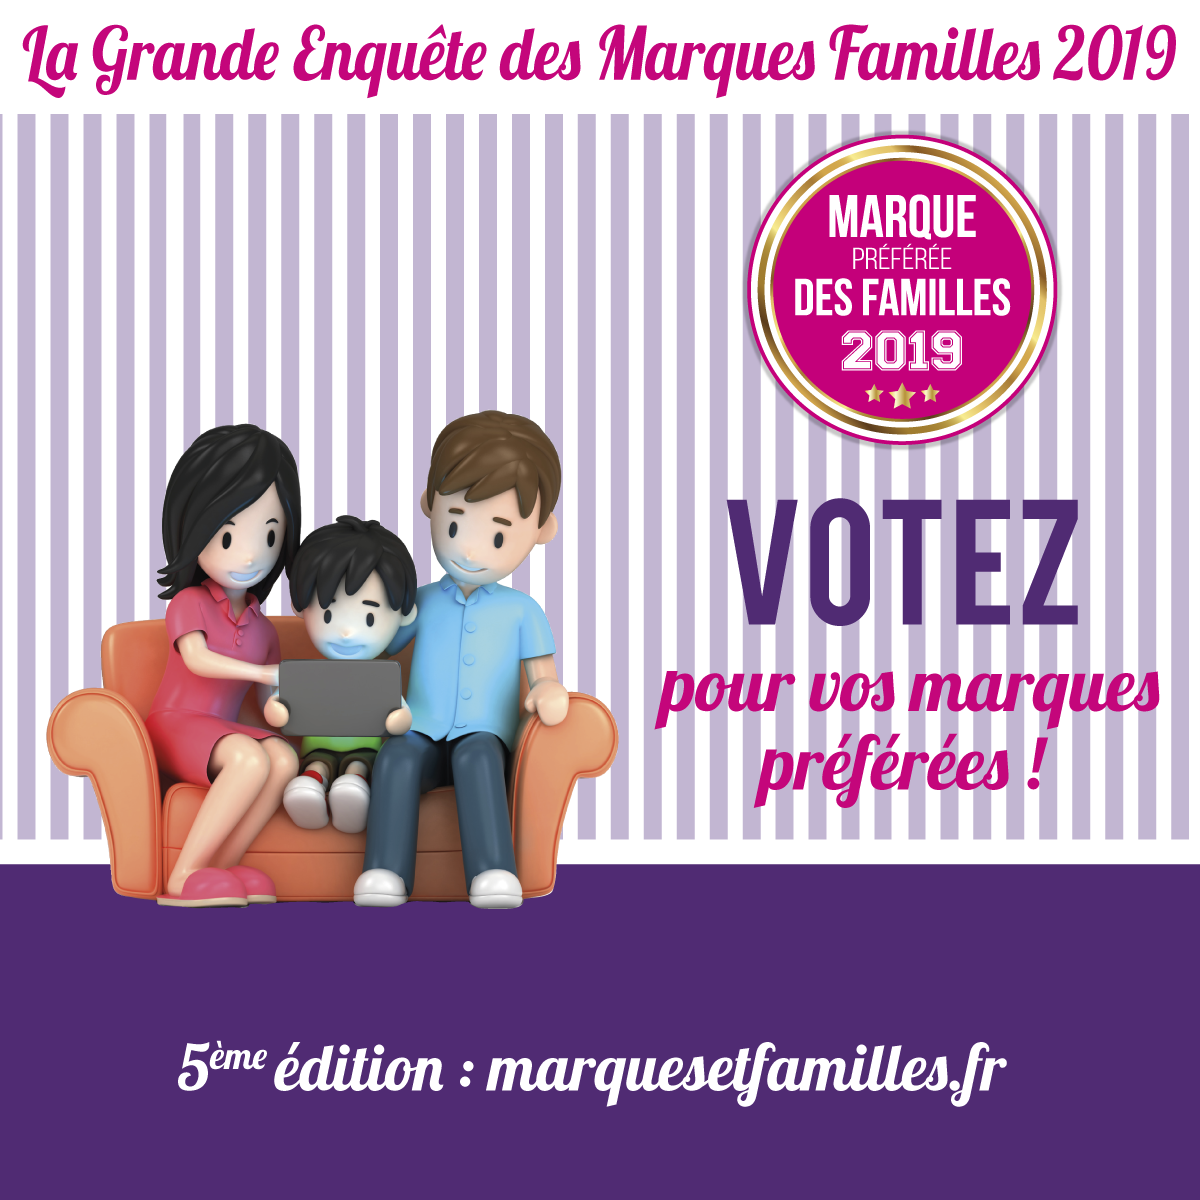 Bannière-Facebook-1200x1200px-Trophees-famille2